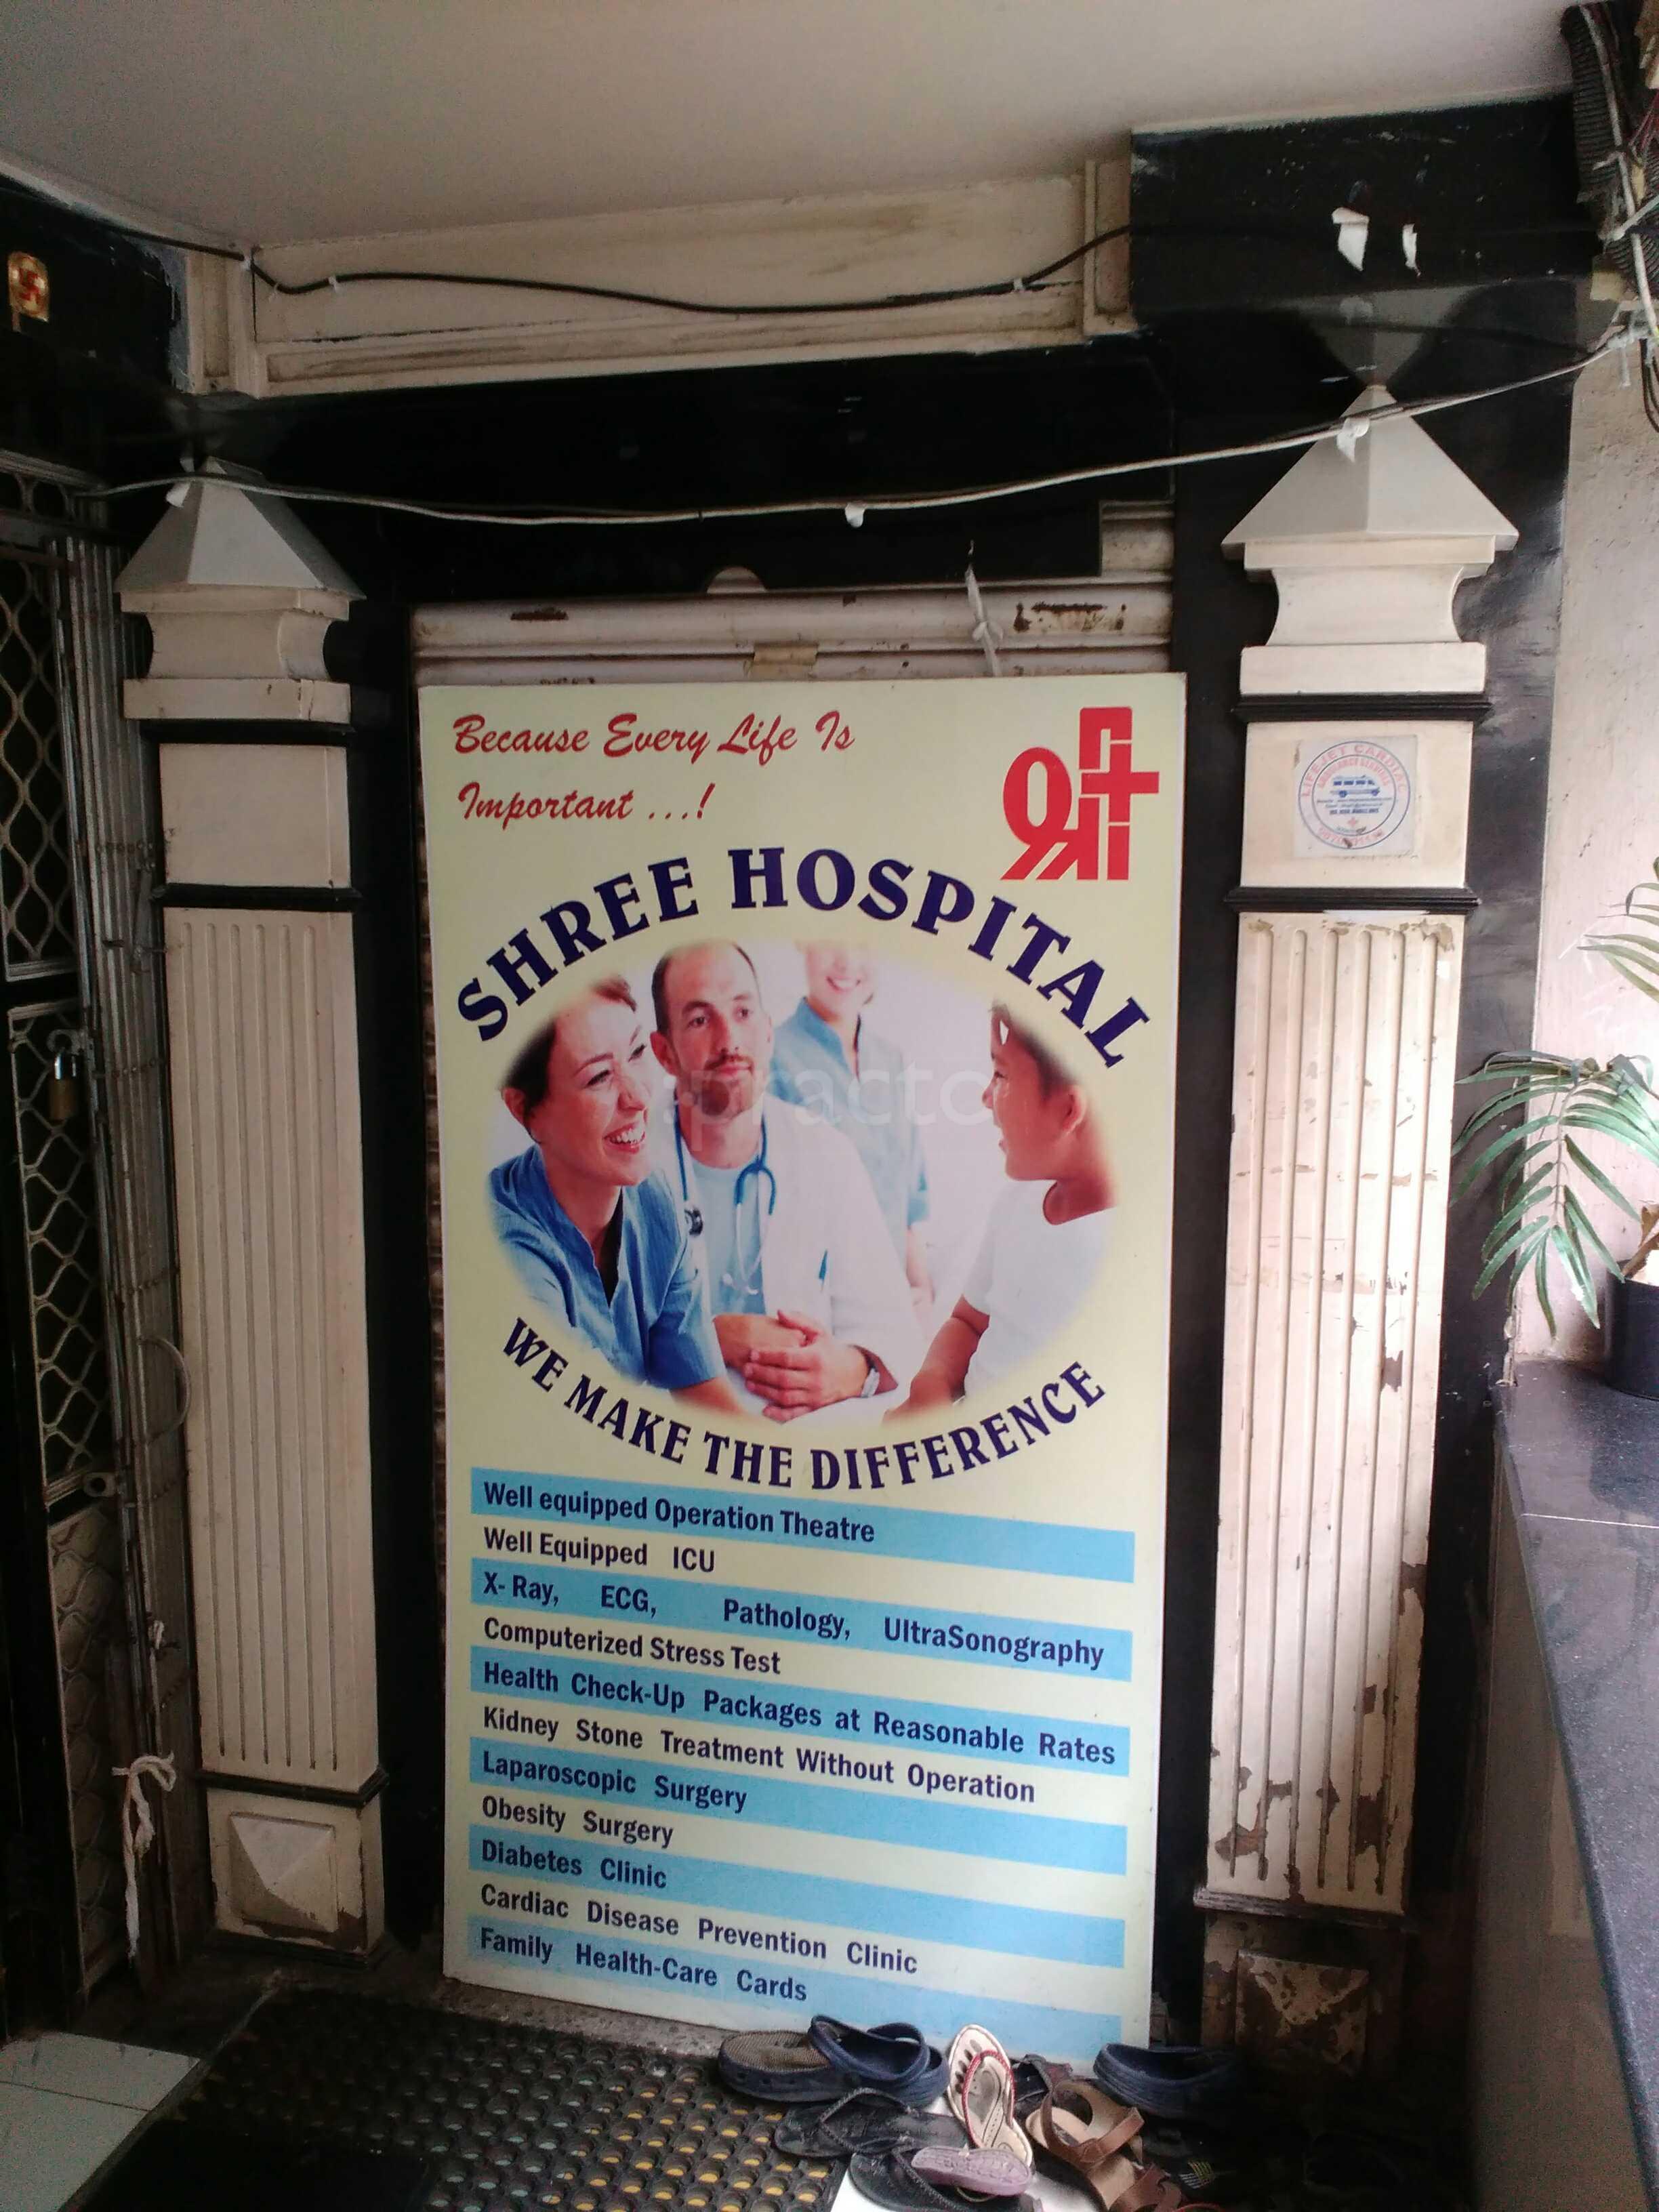 Shree Hospital - Kharghar - Navi Mumbai Image